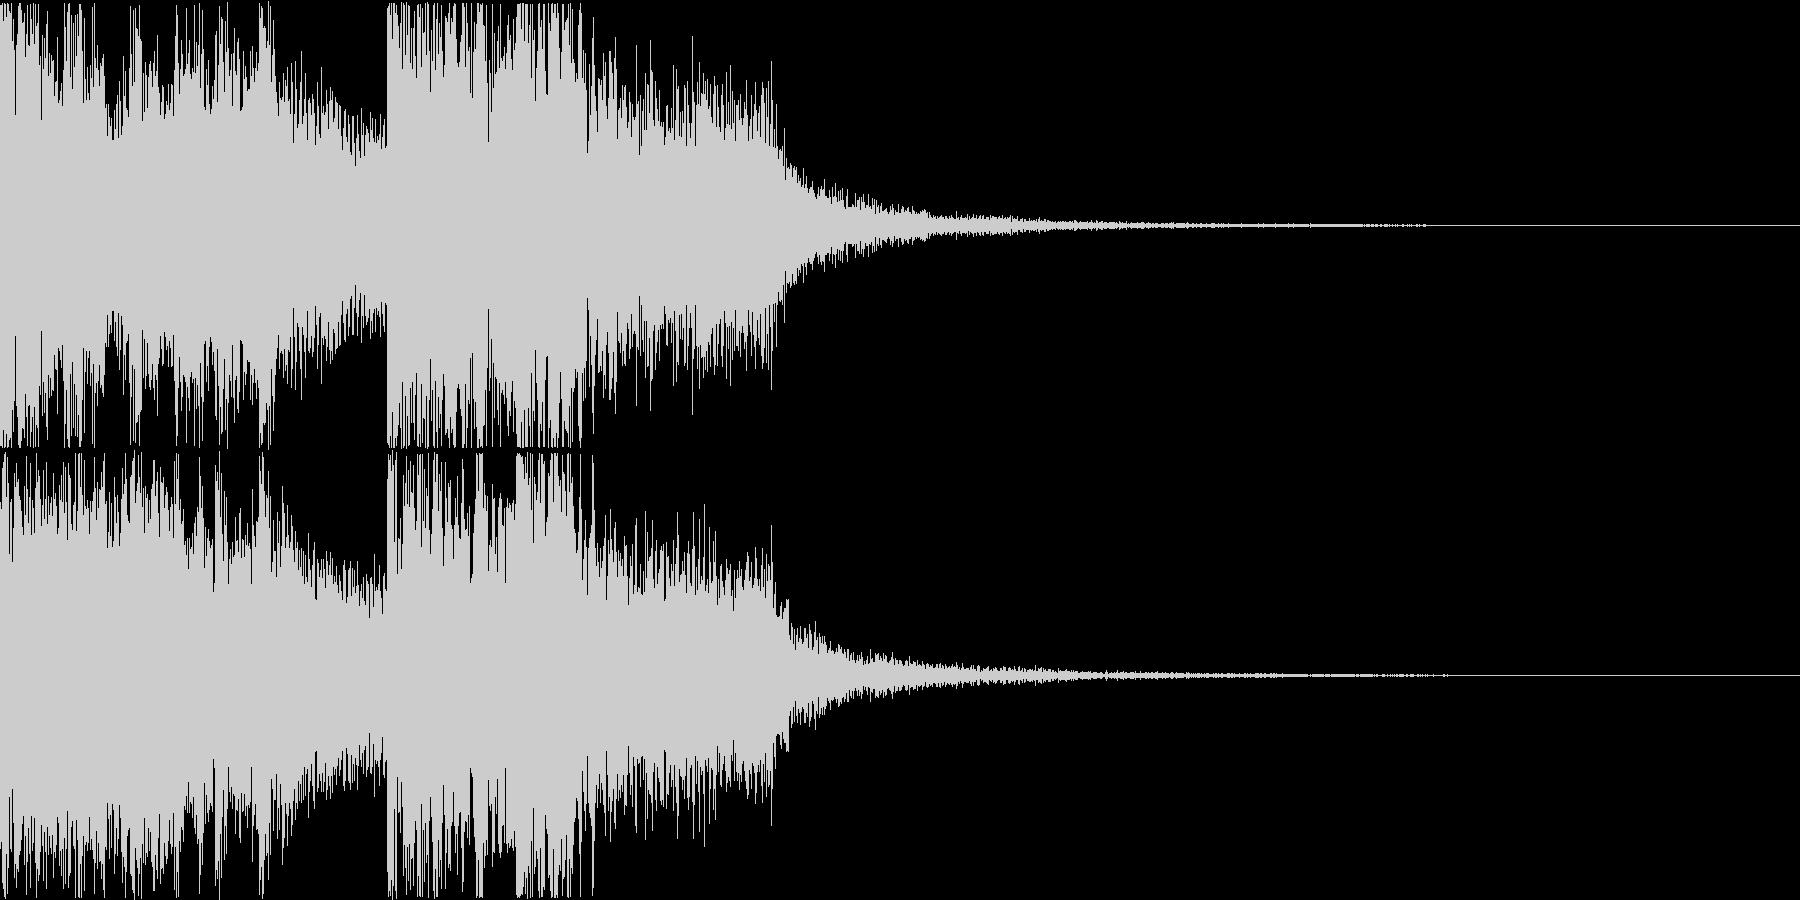 三味線・箏・尺八・和太鼓・ジングル03の未再生の波形